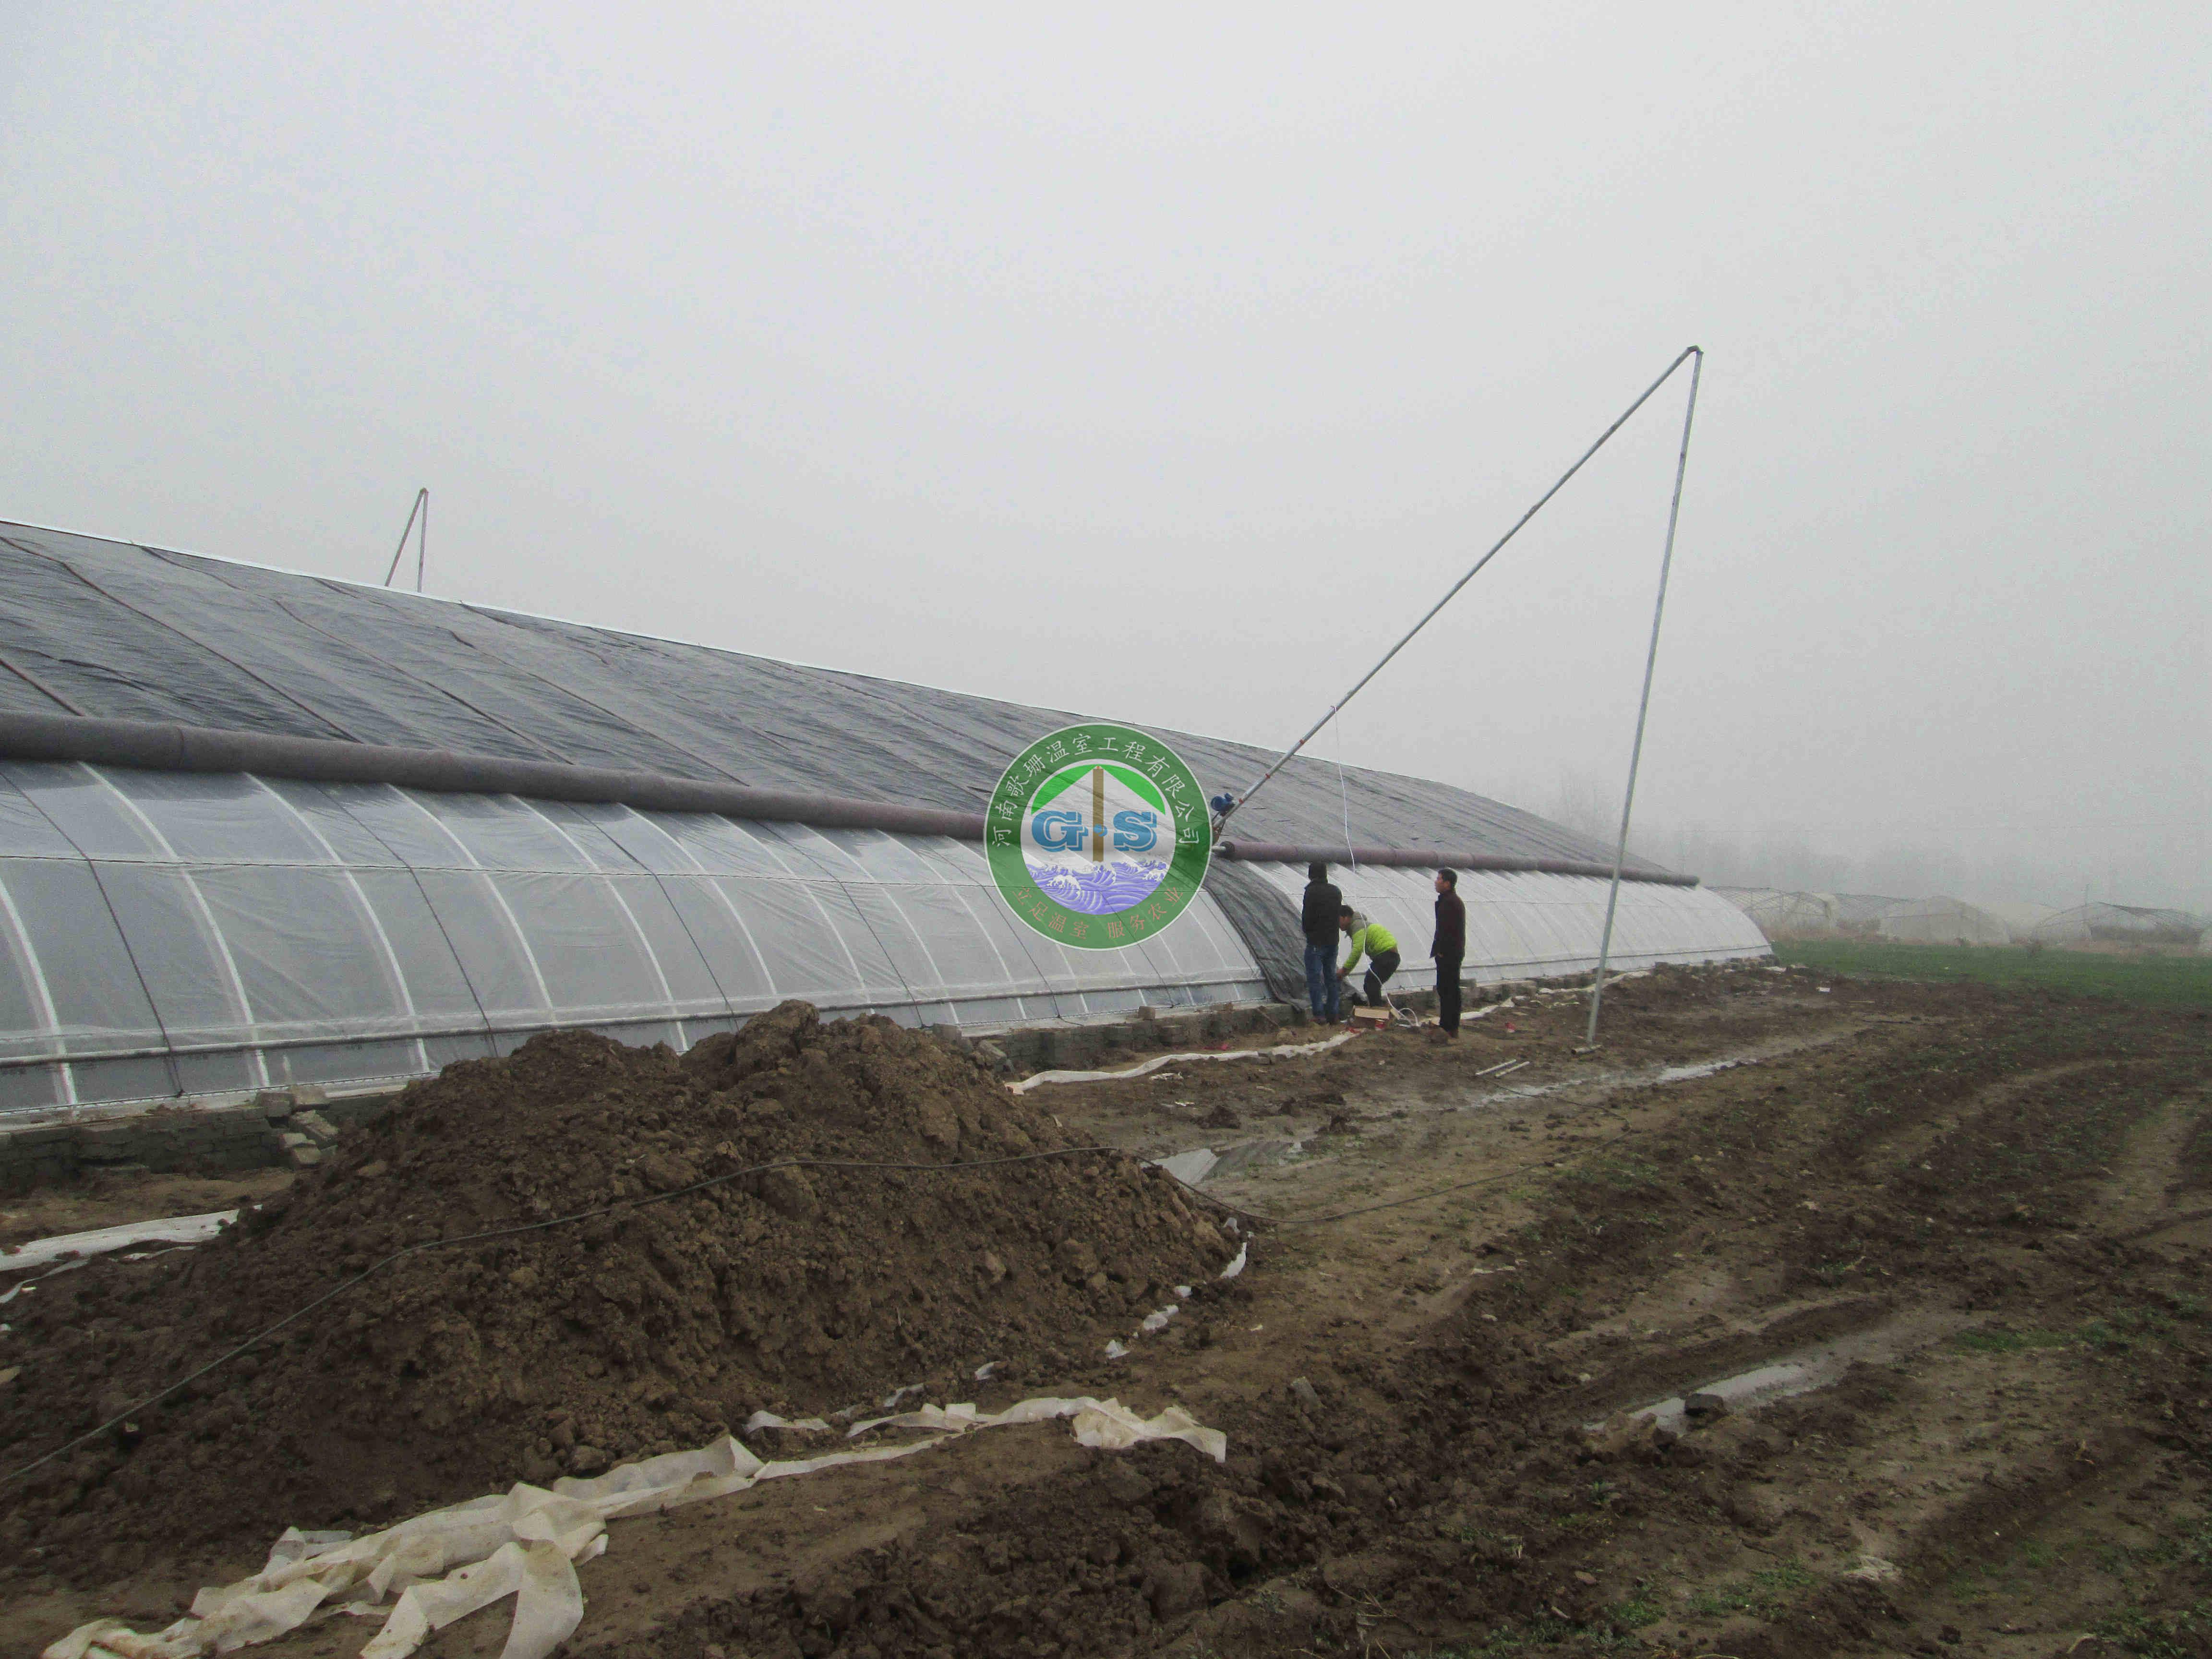 日光温室大棚设计图纸_八方资源网